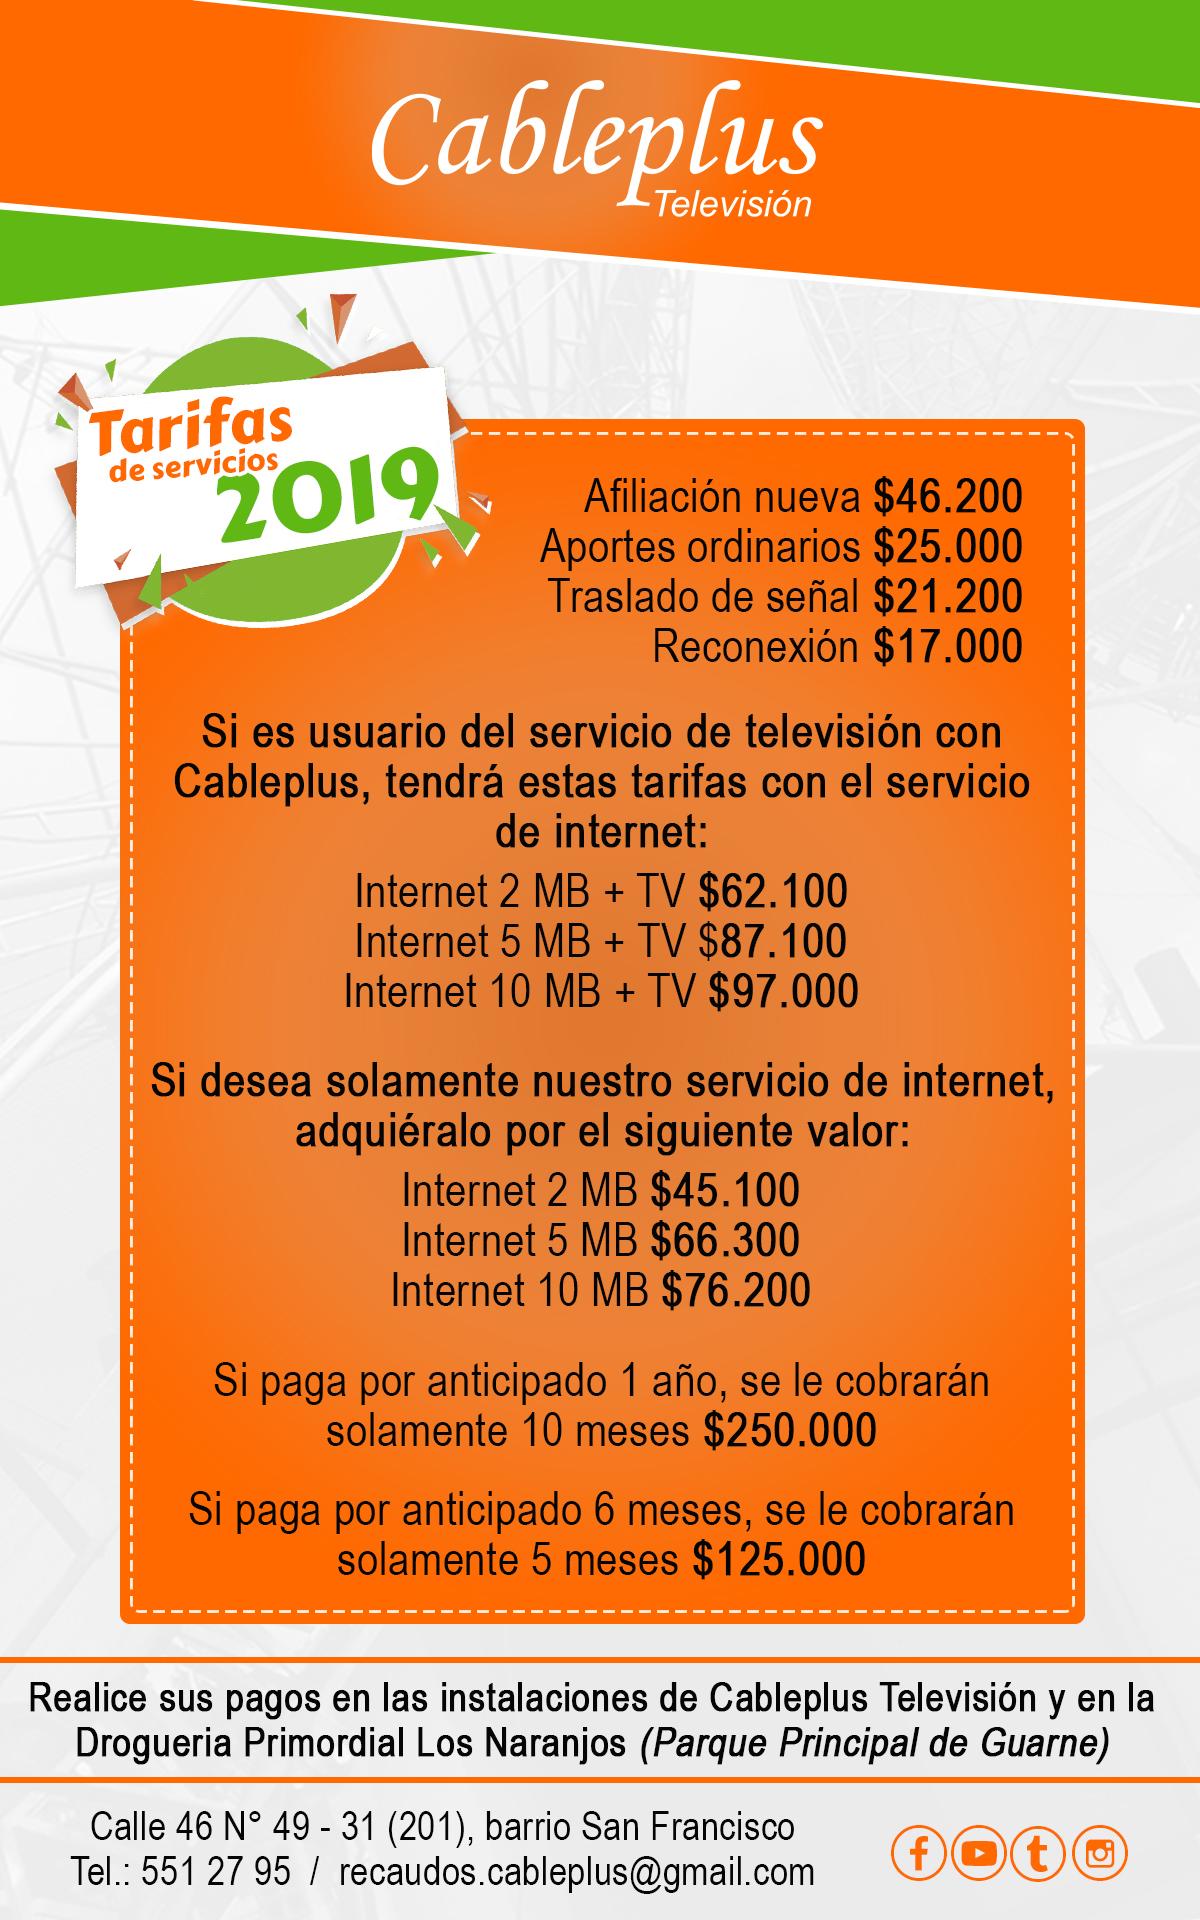 Tarifas de servicios 2019 - Cableplus